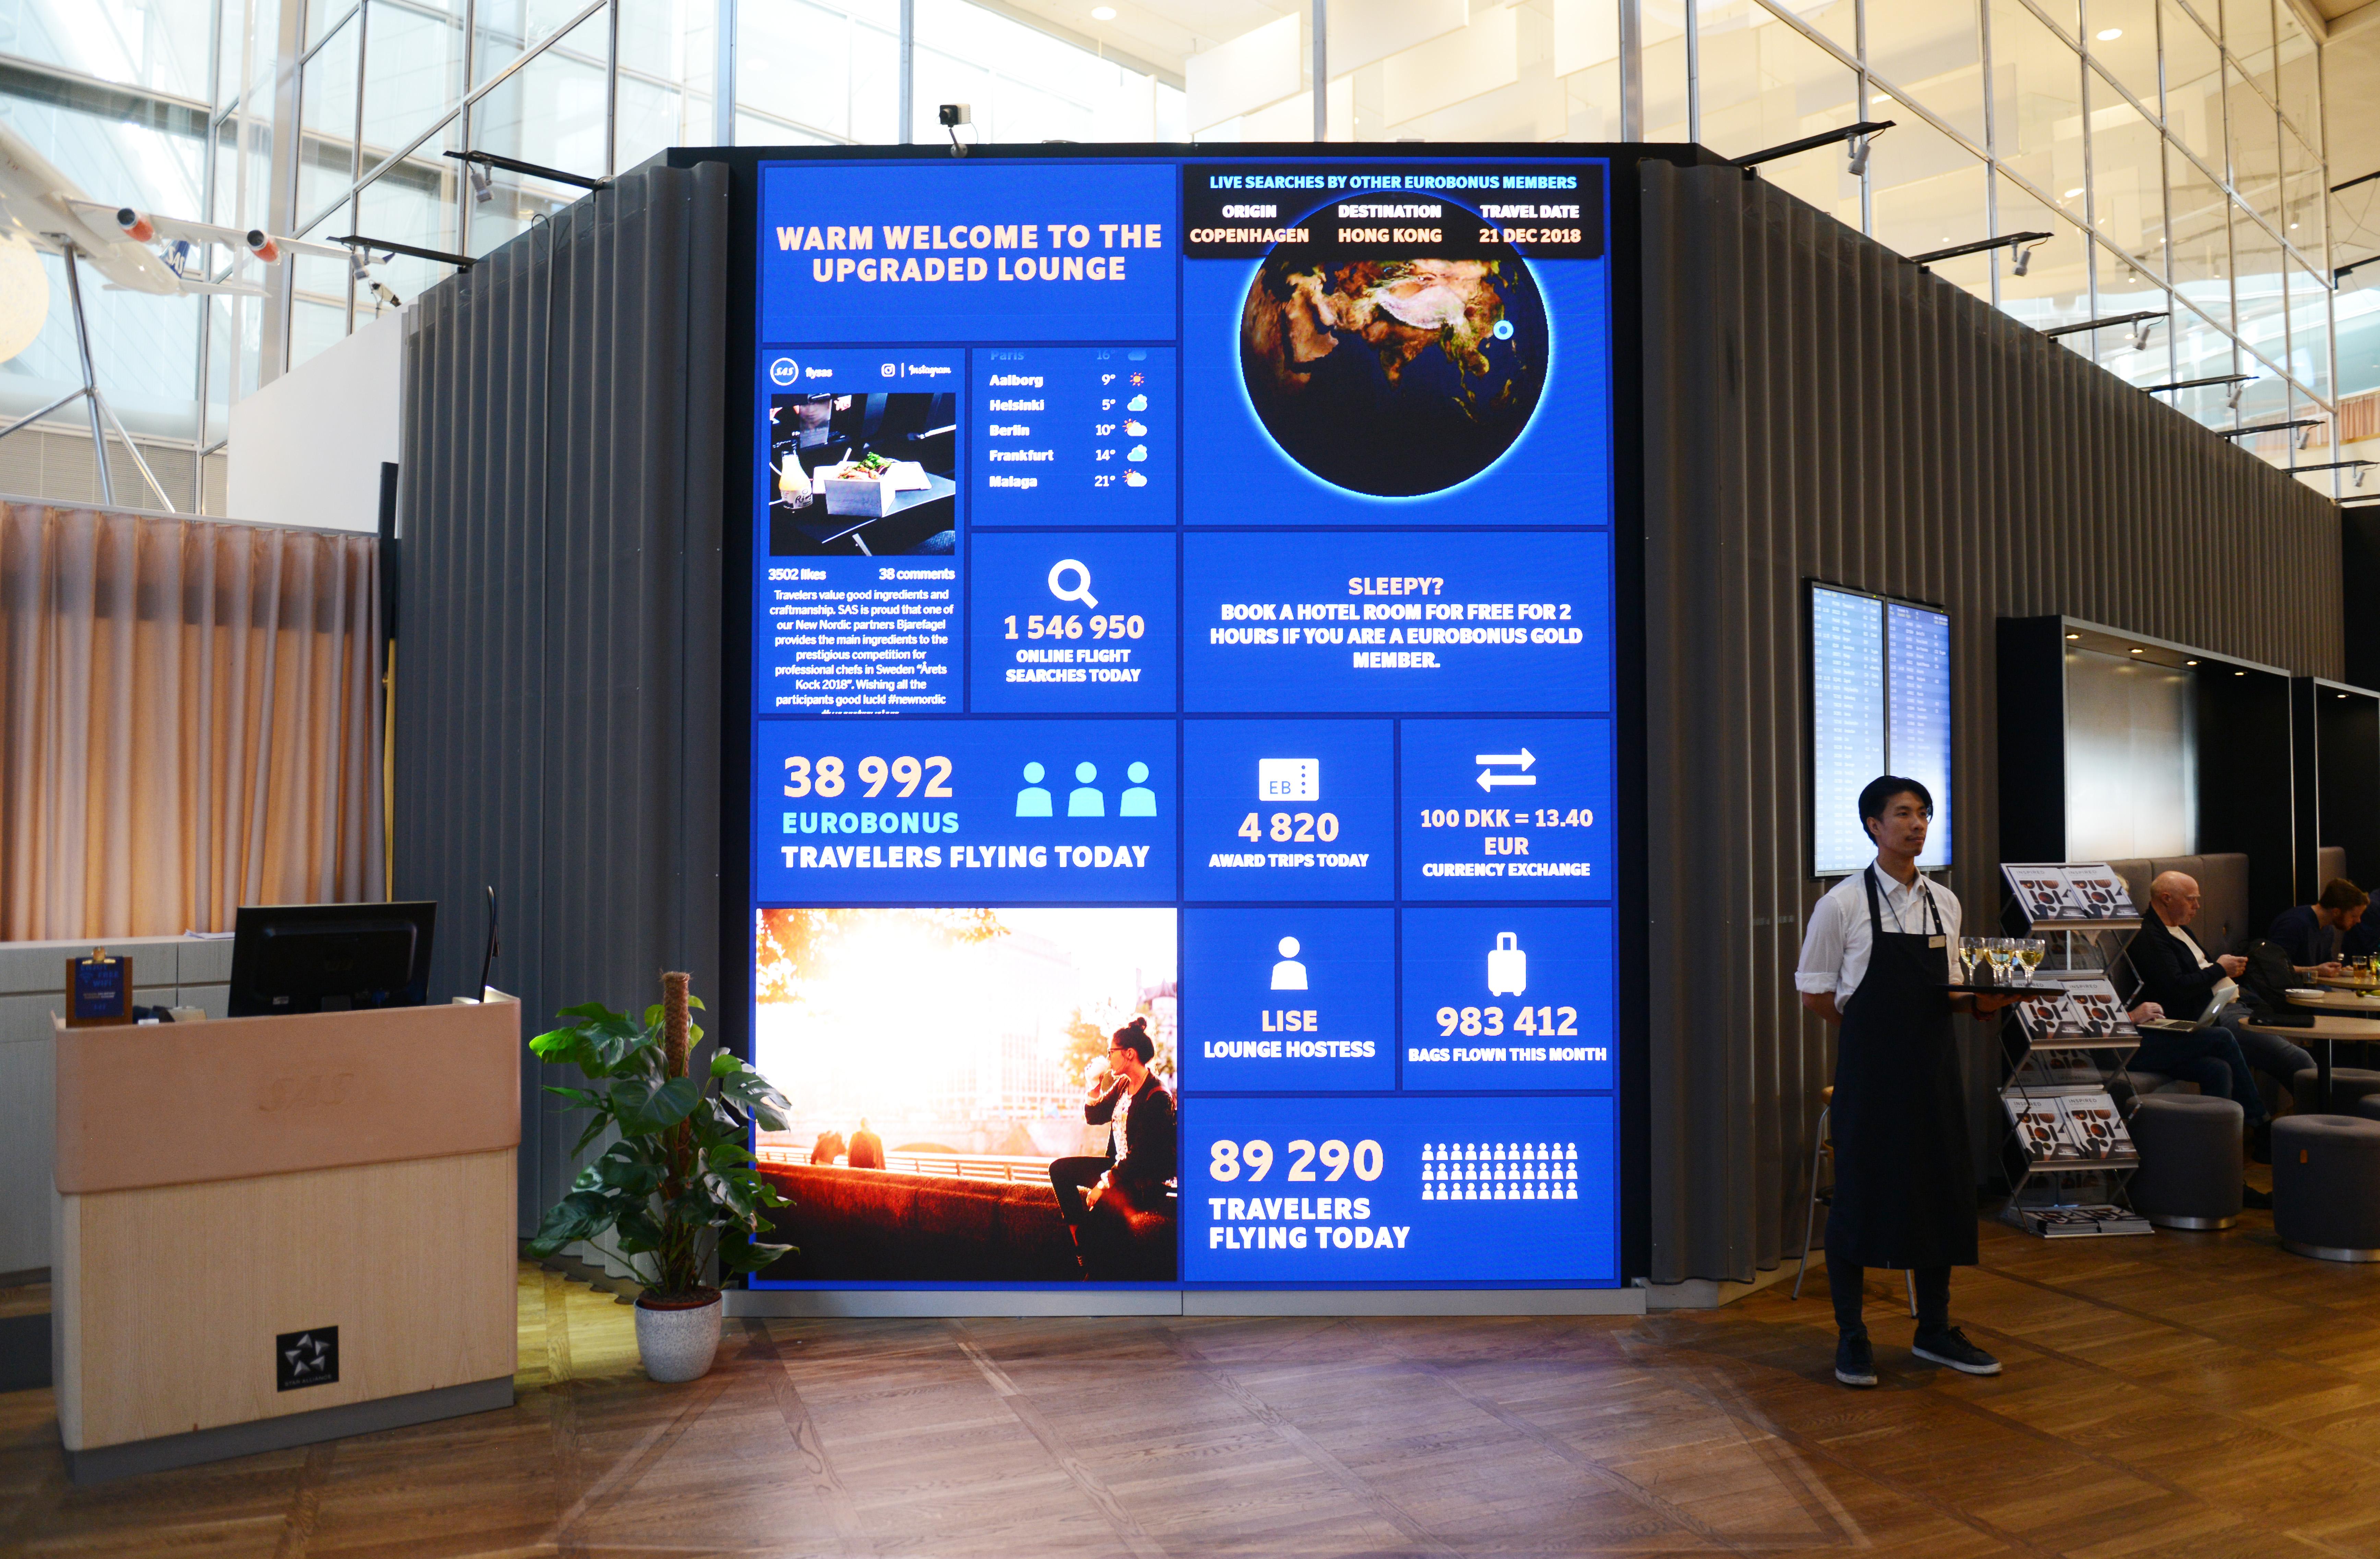 En kæmpe infovæg møder nu gæsterne i SAS-loungerne i Københavns Lufthavn. (Foto: Joakim J. Hvistendahl)